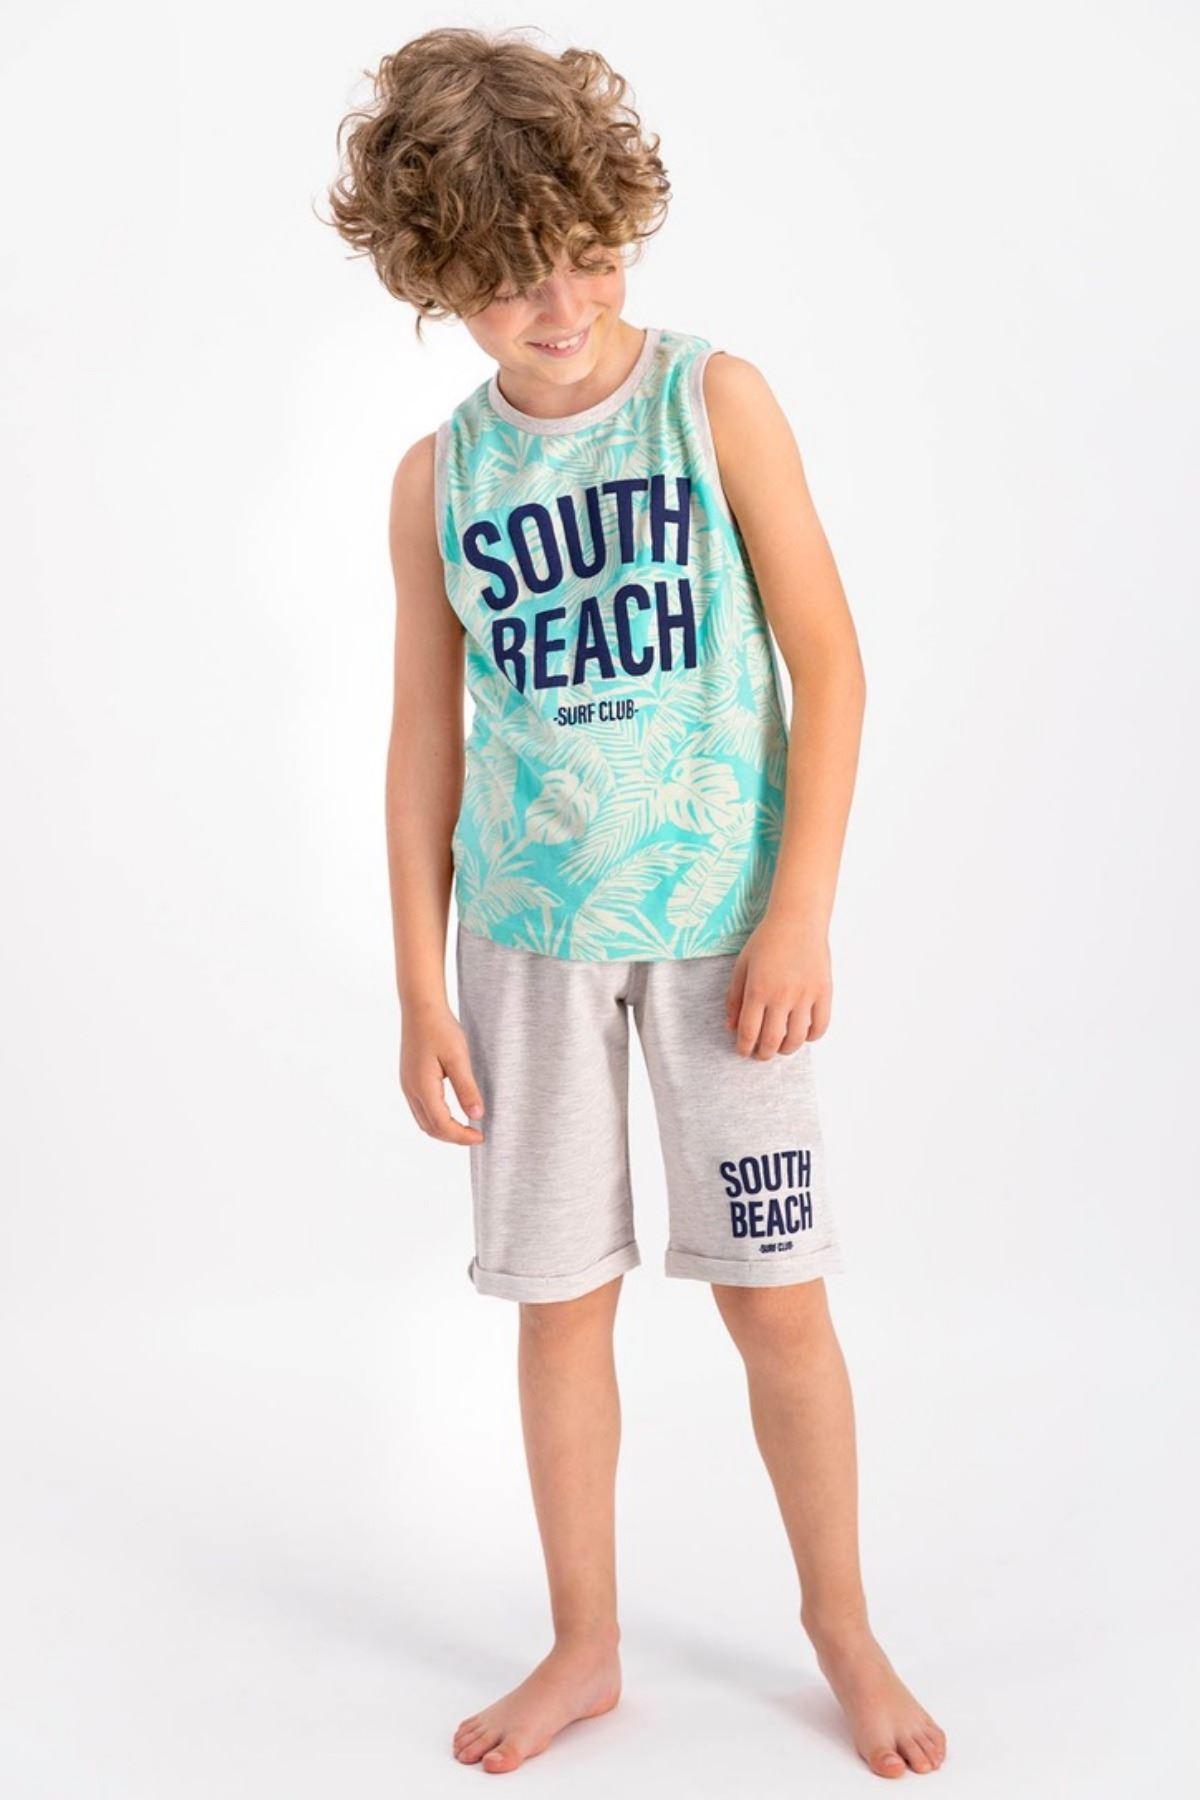 9-15 Yaş South Beach Erkek Çocuk Takım - Bejbelamij